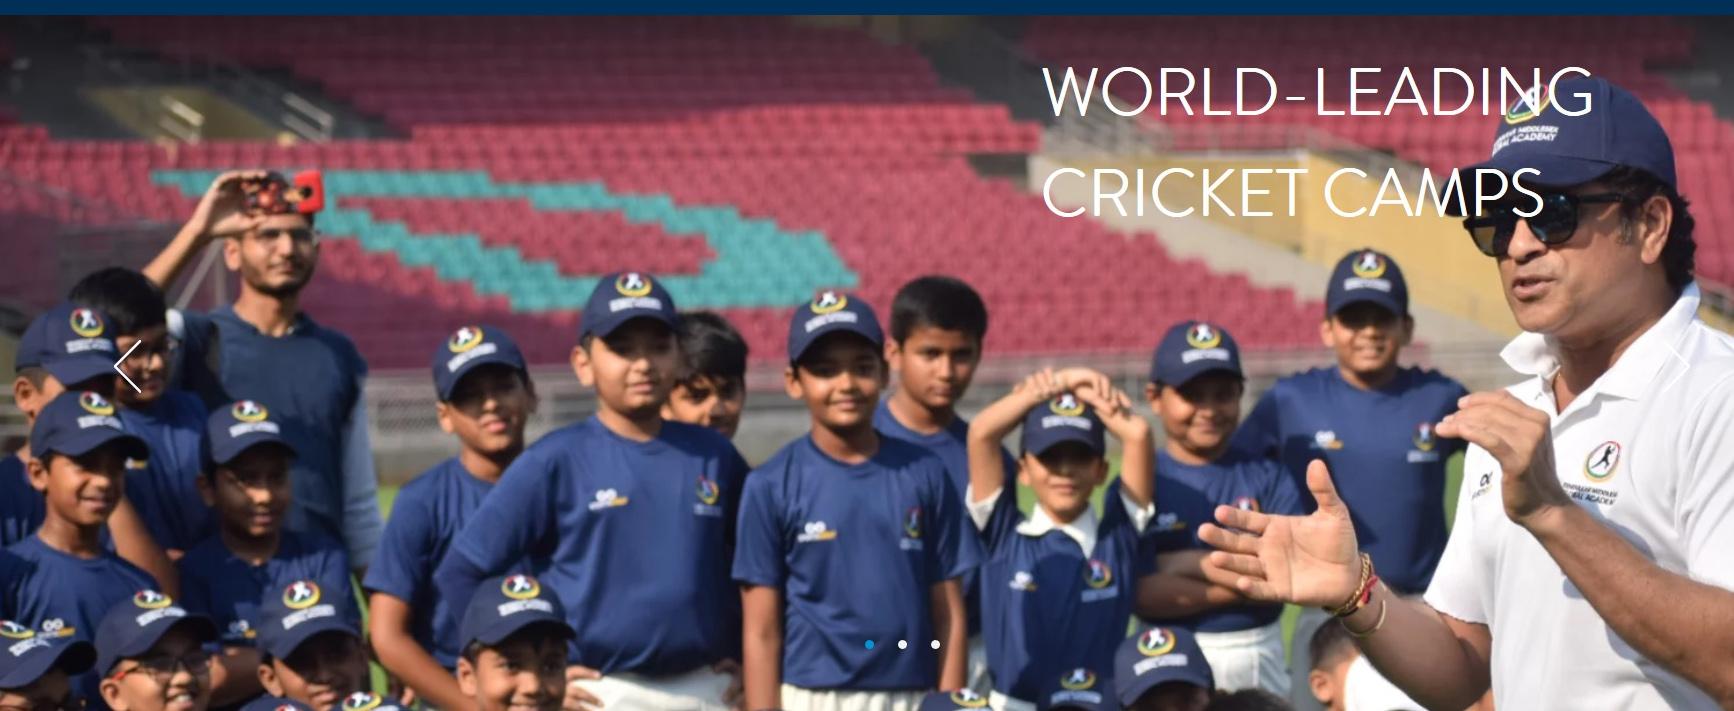 तेंडुलकर मिडलसेक्स ग्लोबल अकॅडमीतर्फे २०१९ मधील उन्हाळी क्रिकेट कॅम्प जाहीर